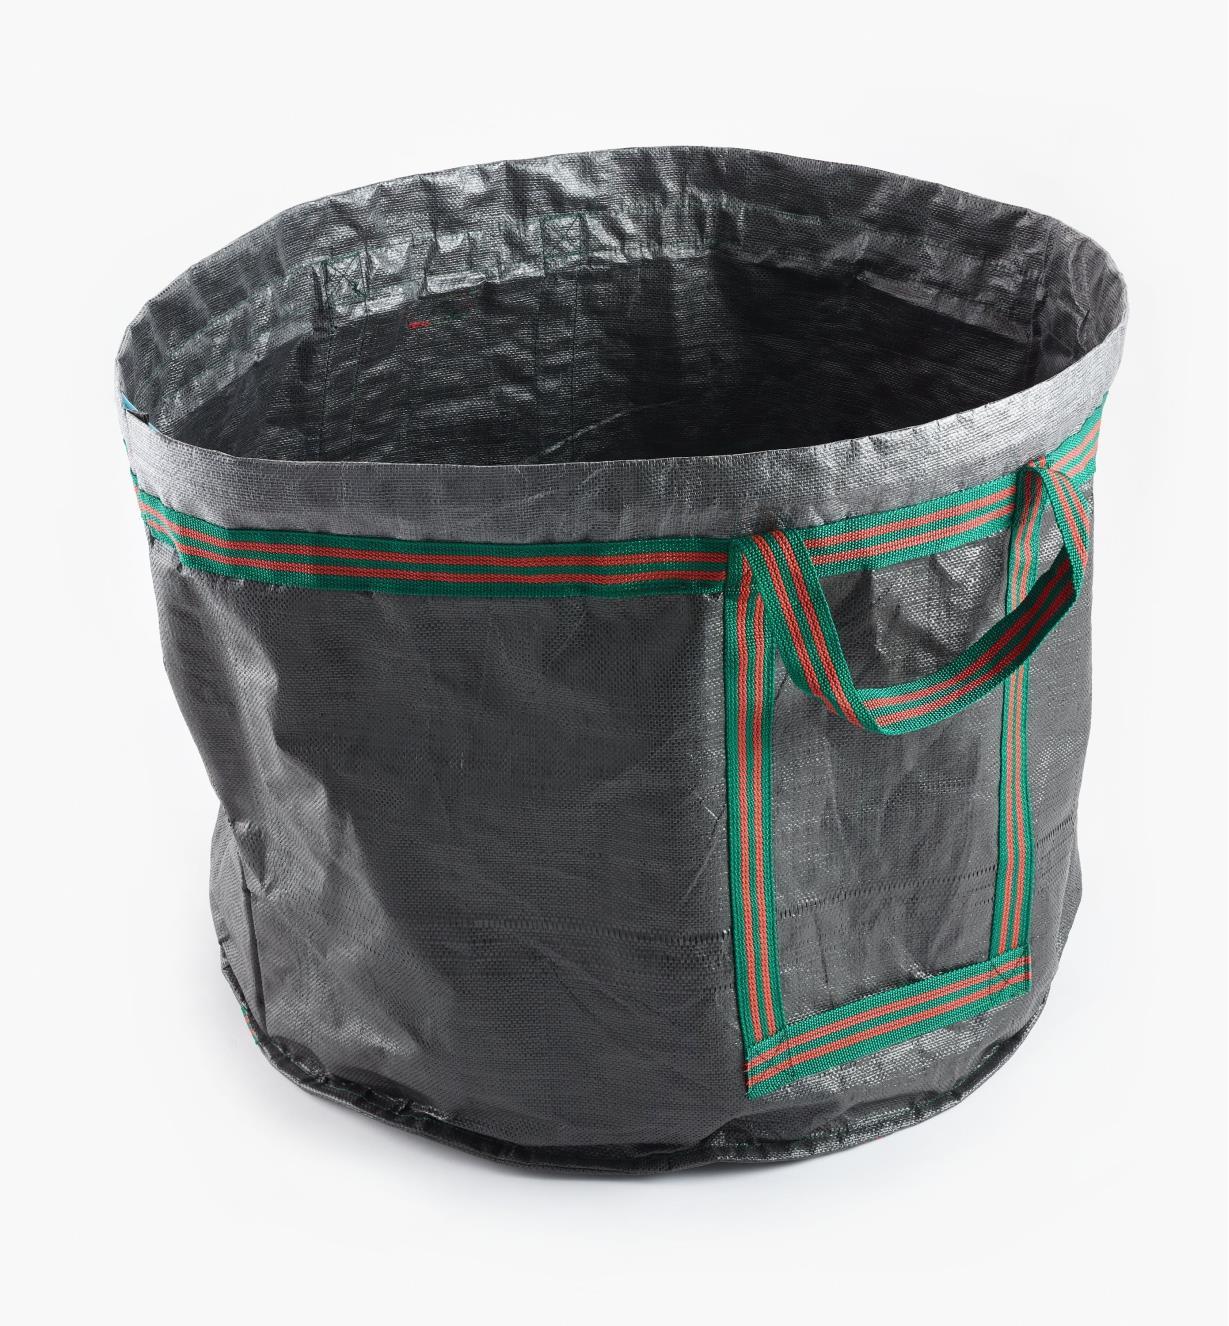 XM521 - Petit sac de jardinage